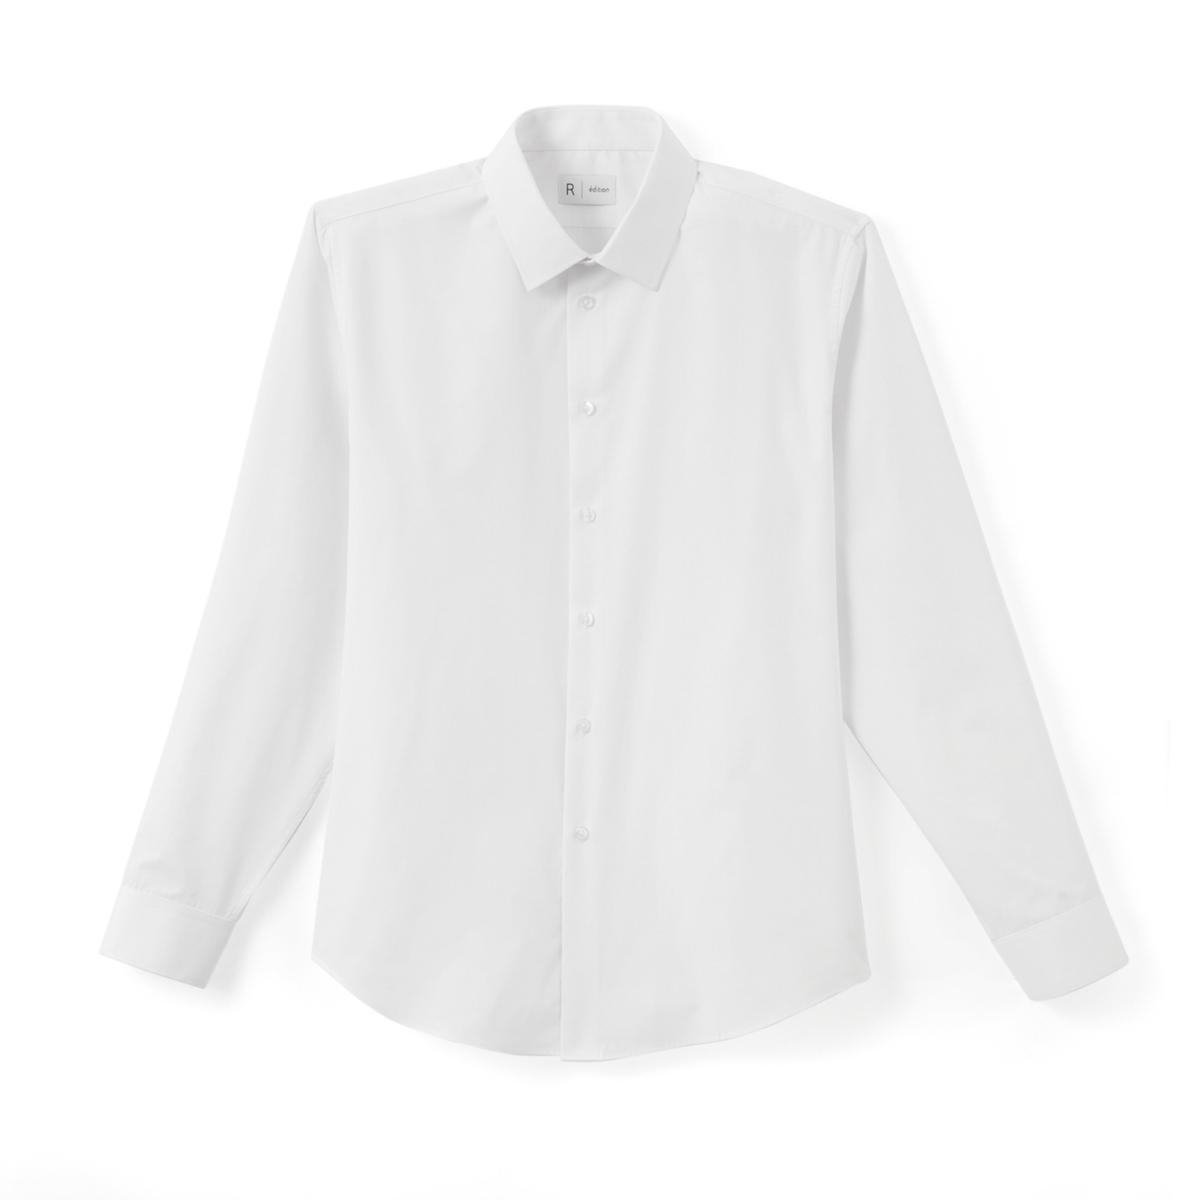 Рубашка узкого покрояРубашка с длинными рукавами. Облегающий покрой. Классический воротник со свободными кончиками . Легкая глажка.Состав и описание : Материал         55% хлопка, 45% полиэстераДлина       78,5 см Марка          R edition Уход: :Машинная стирка при 30° на деликатном режиме с вещами подобного цвета  Стирка и глажка с изнаночной стороныСухая чистка и машинная сушка запрещеныГладить на низкой температуре<br><br>Цвет: белый,небесно-голубой,розовый,синий морской,черный<br>Размер: 35/36.47/48.45/46.41/42.39/40.37/38.45/46.43/44.37/38.35/36.47/48.45/46.43/44.41/42.39/40.37/38.49/50.47/48.45/46.43/44.41/42.39/40.37/38.35/36.45/46.43/44.39/40.37/38.43/44.35/36.47/48